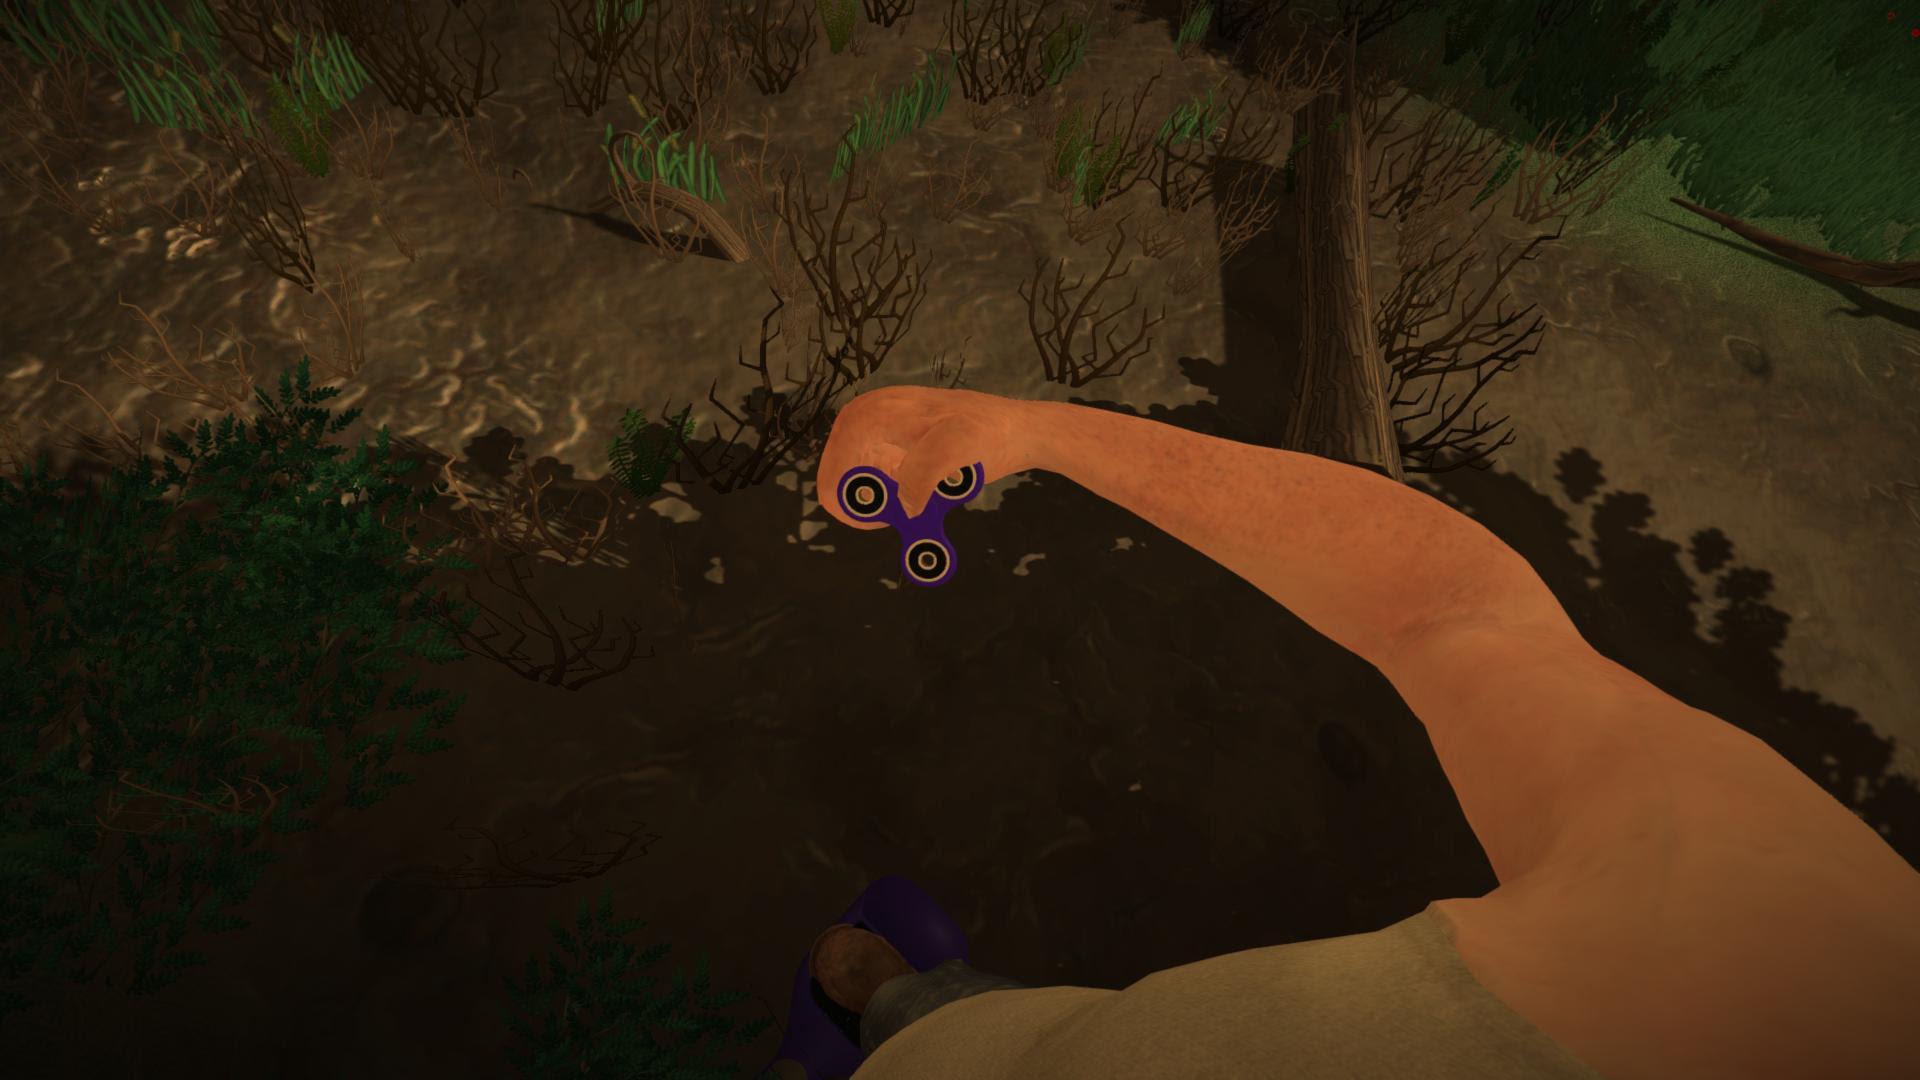 $30 gold vape DLC for a $1 fidget spinner game screenshot